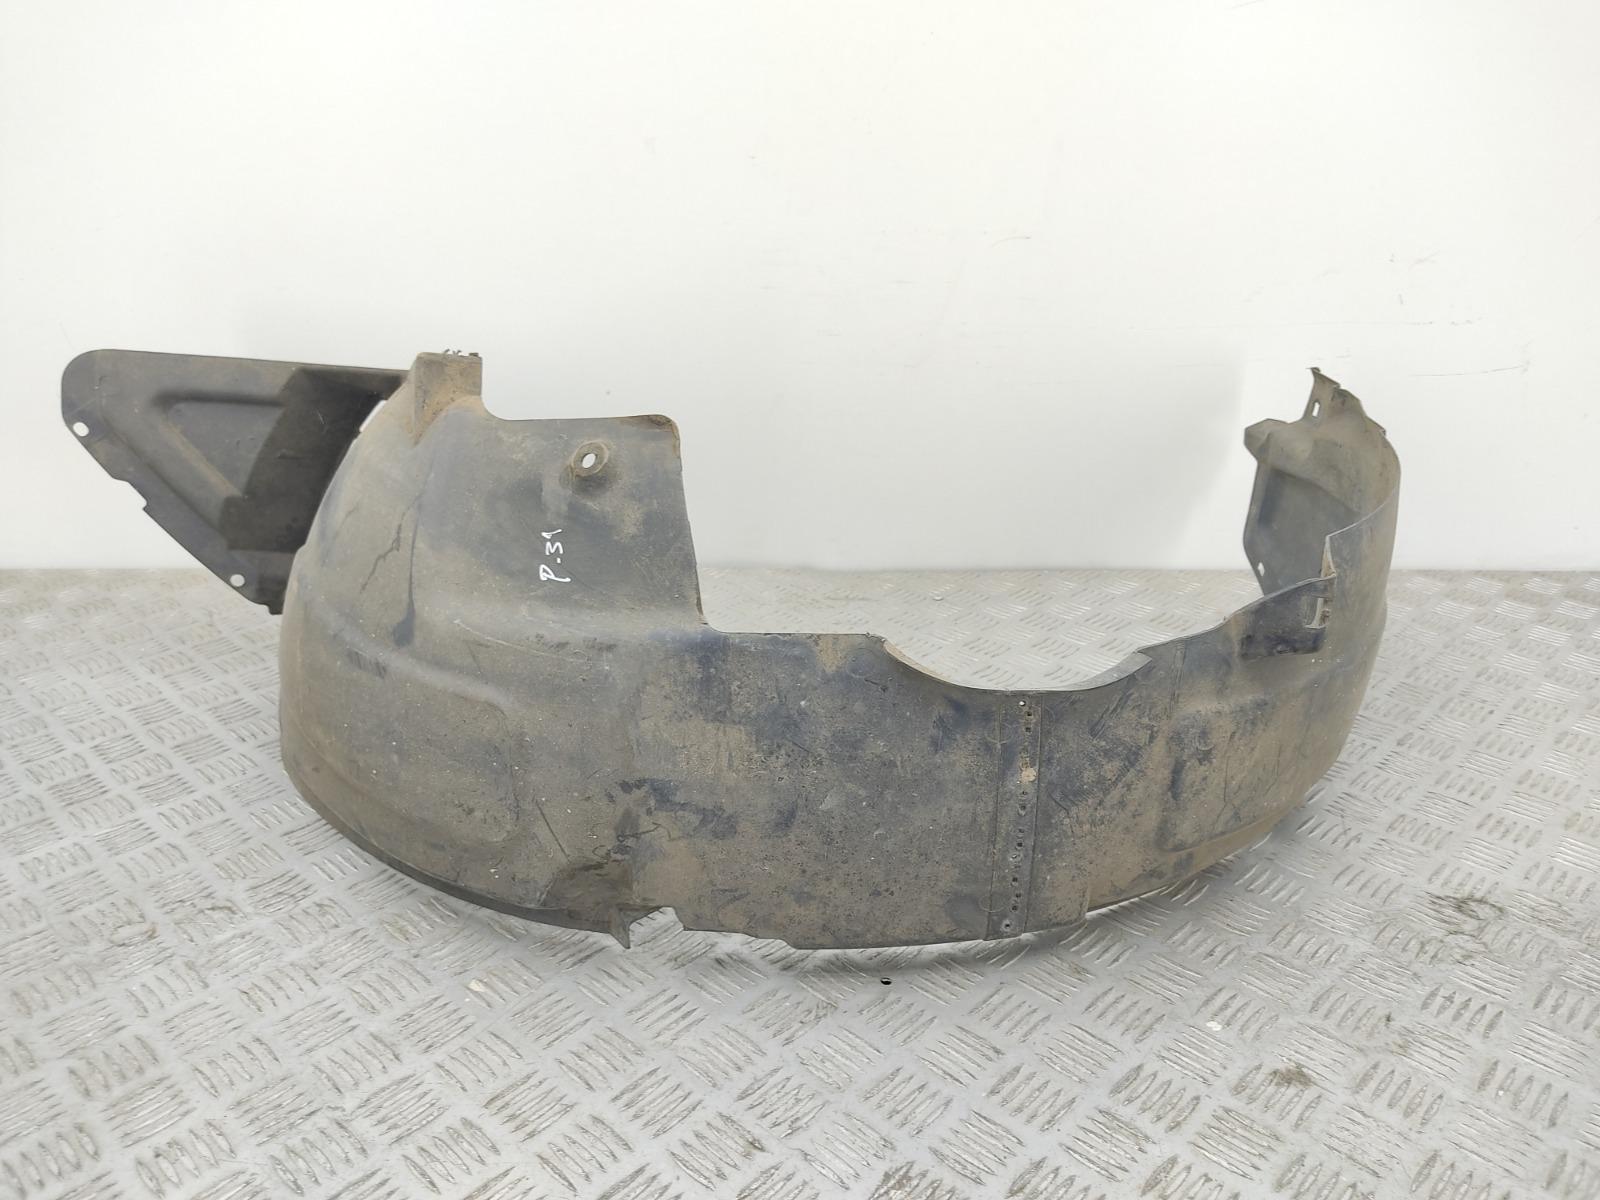 Защита арок передняя левая (подкрылок) Kia Venga 1.4 I 2010 (б/у)